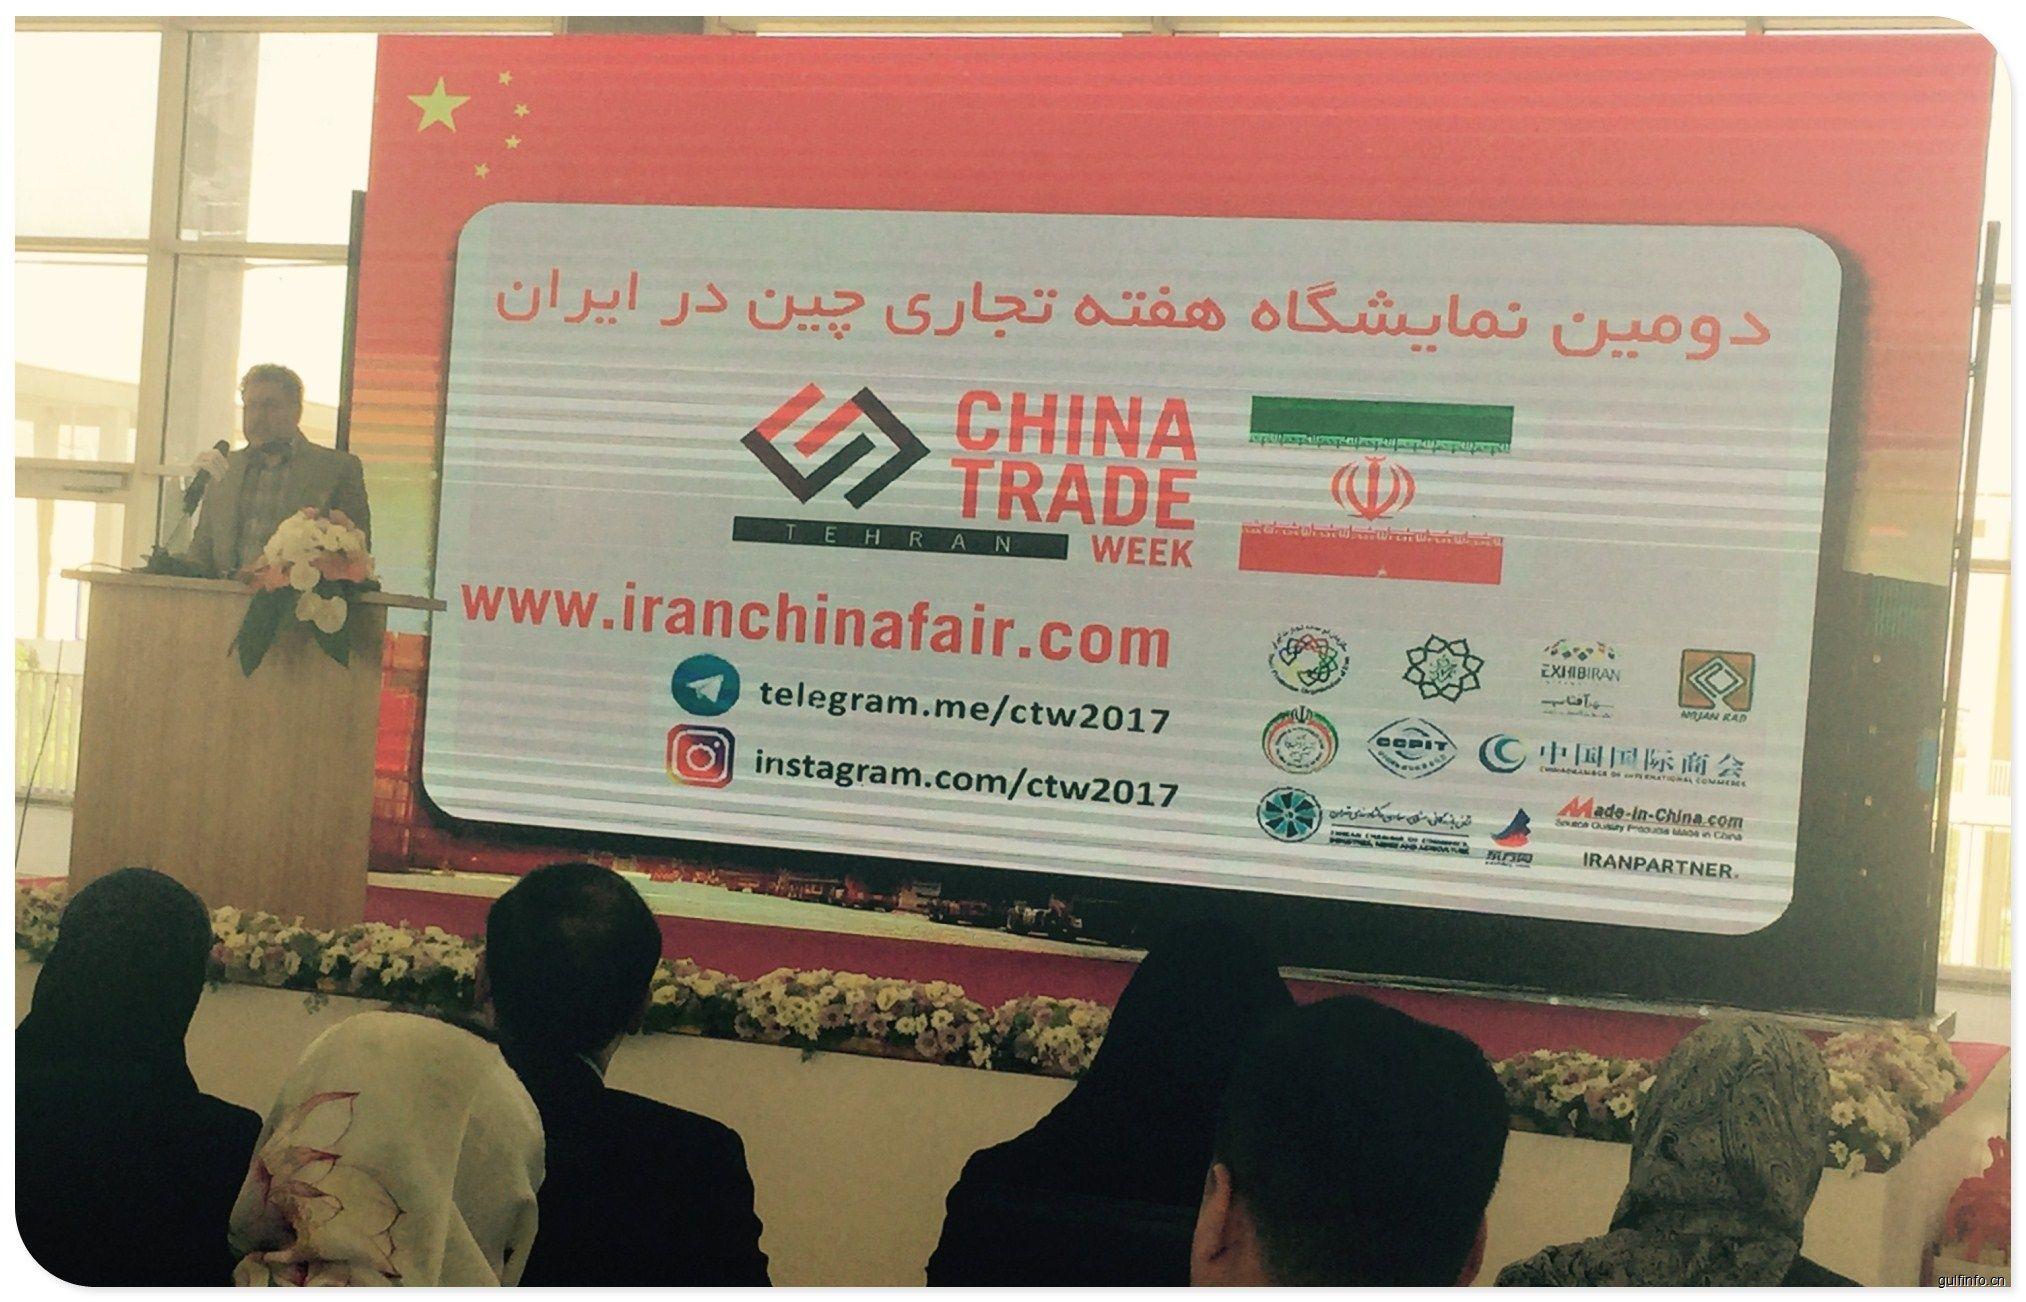 第一单!来自2017年伊朗中国贸易周B2B平台